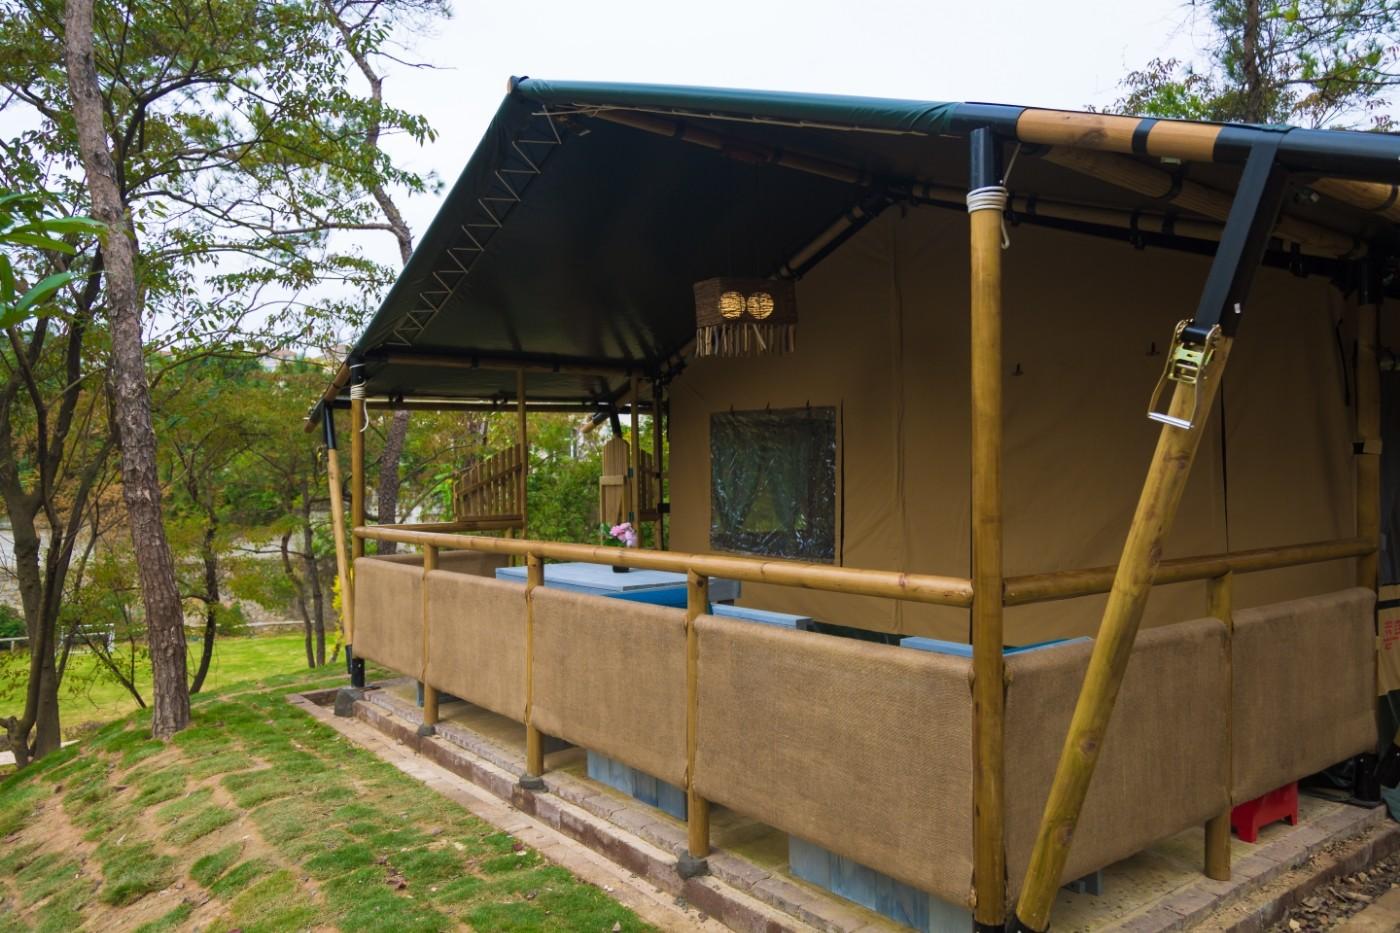 喜马拉雅野奢帐篷酒店—广州北迹露营平地帐篷酒店15